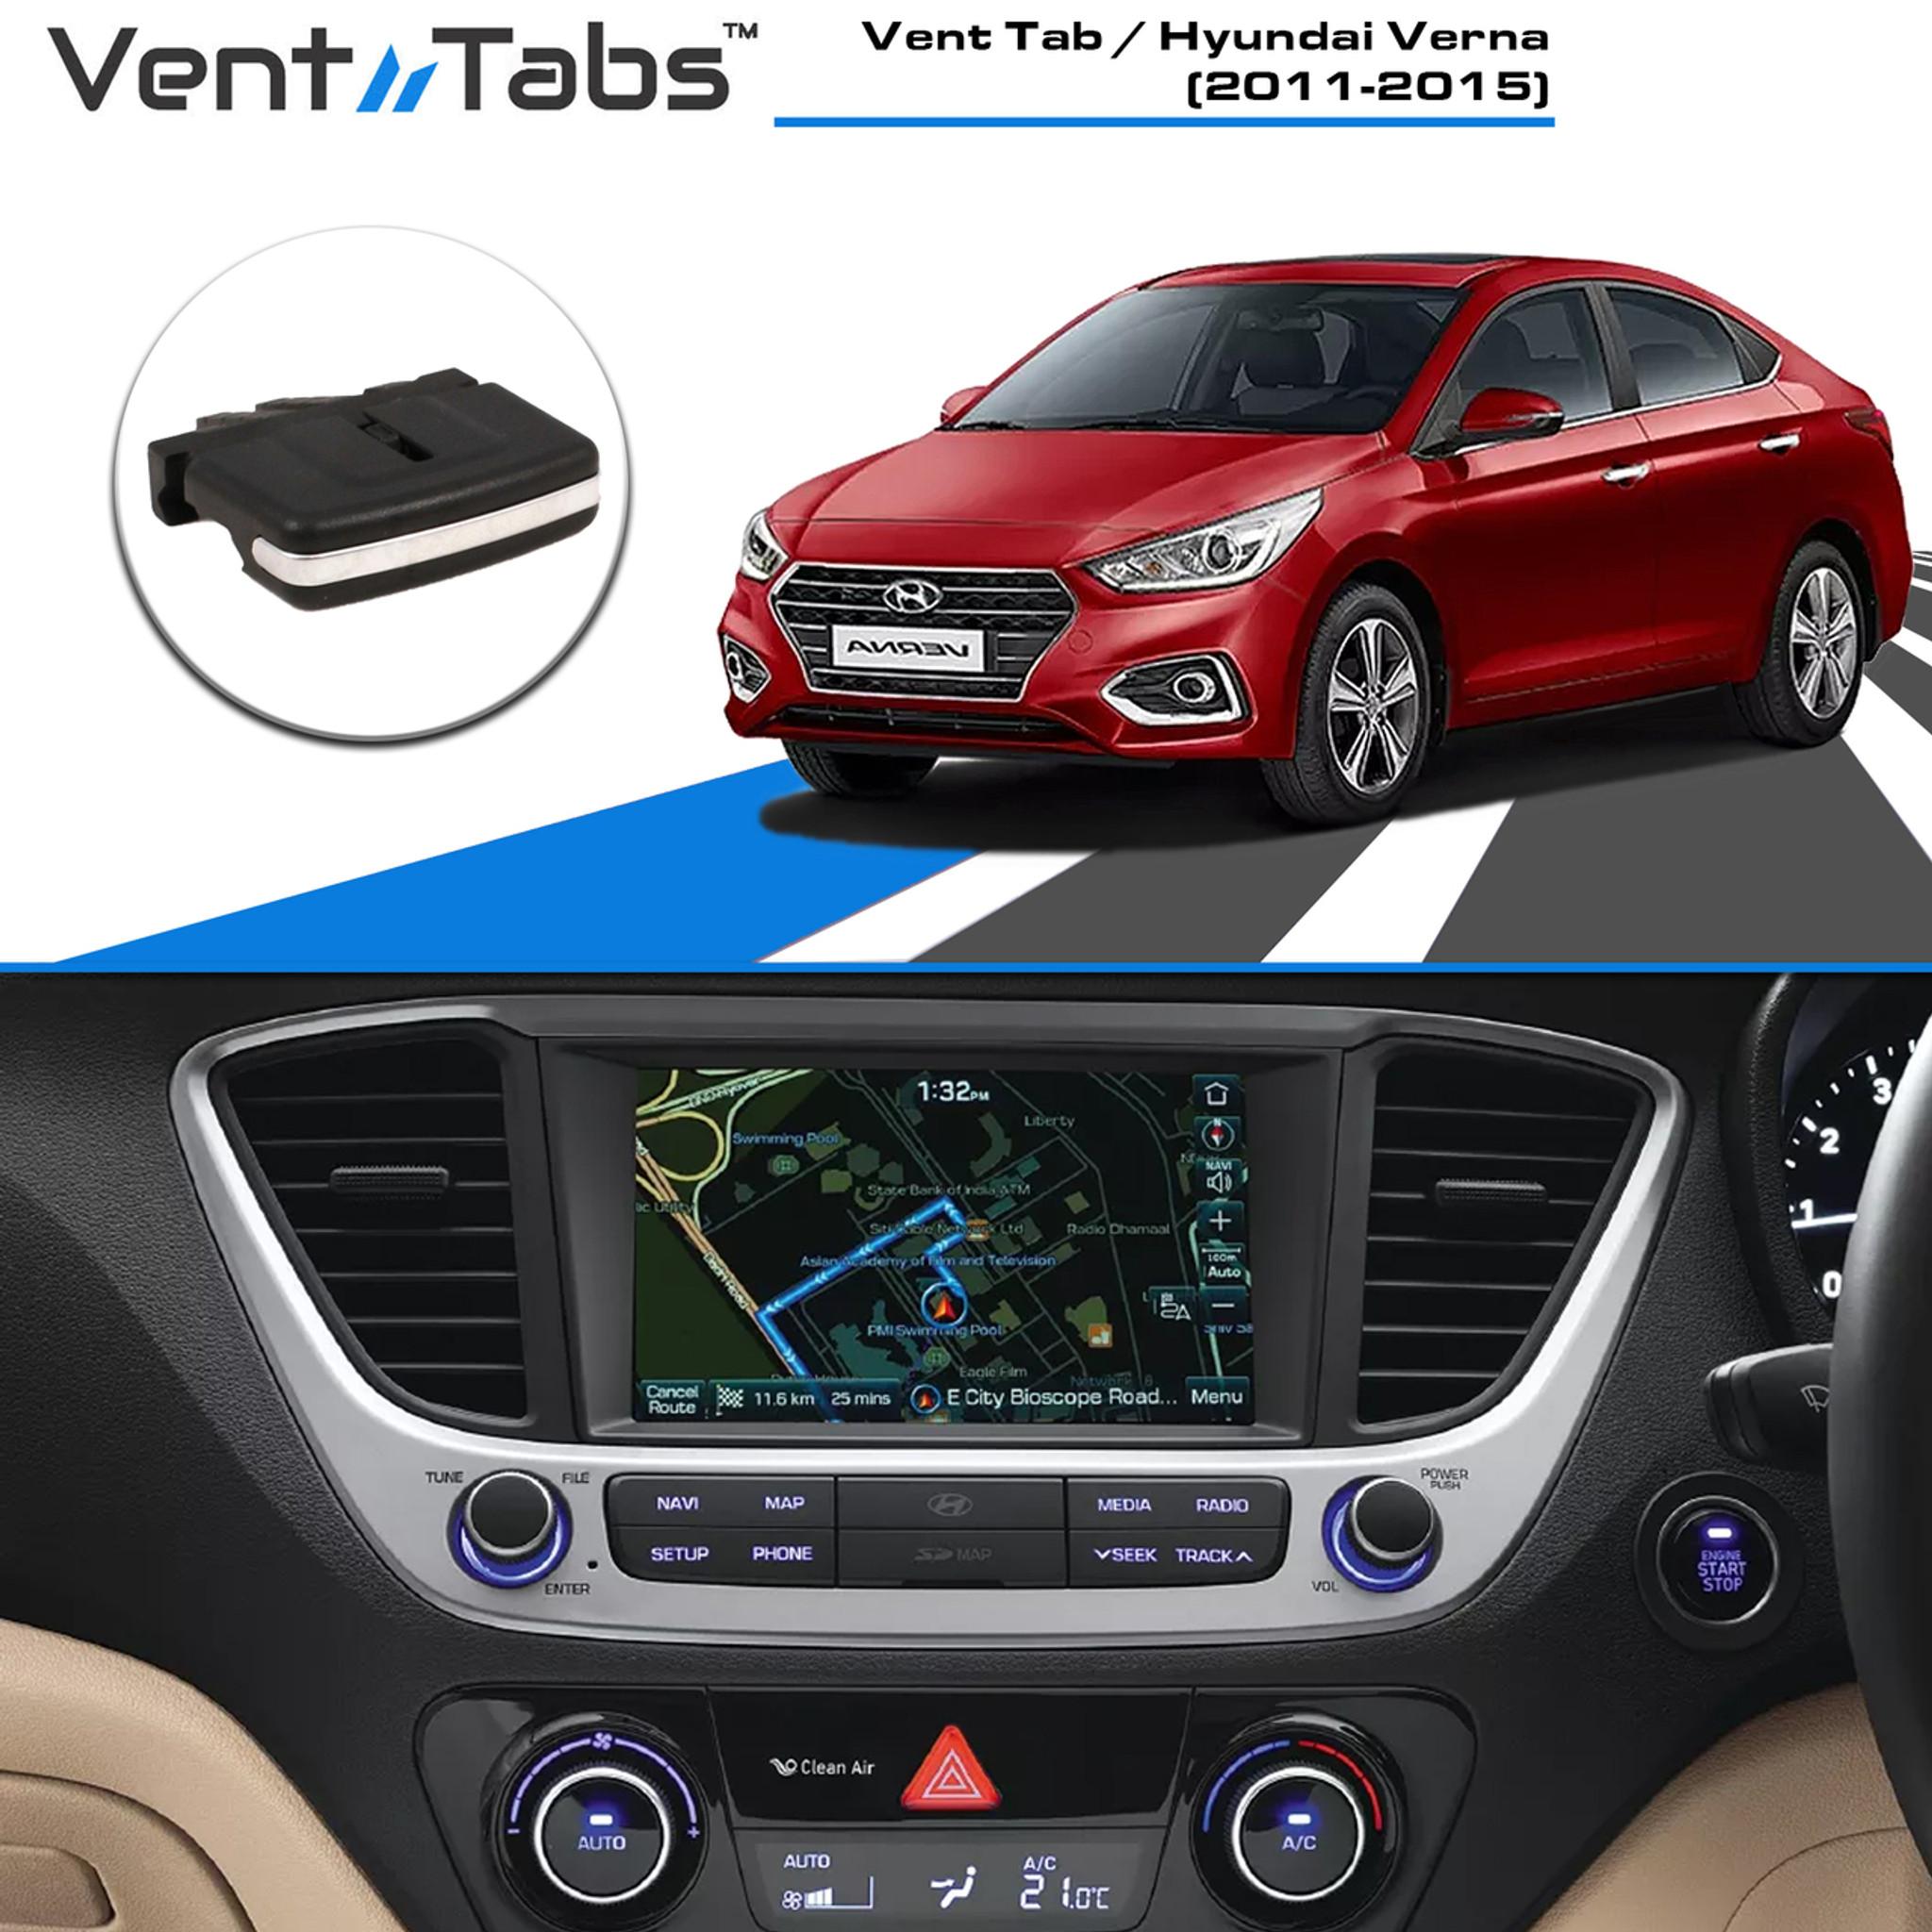 Hyundai Verna (2011-2015